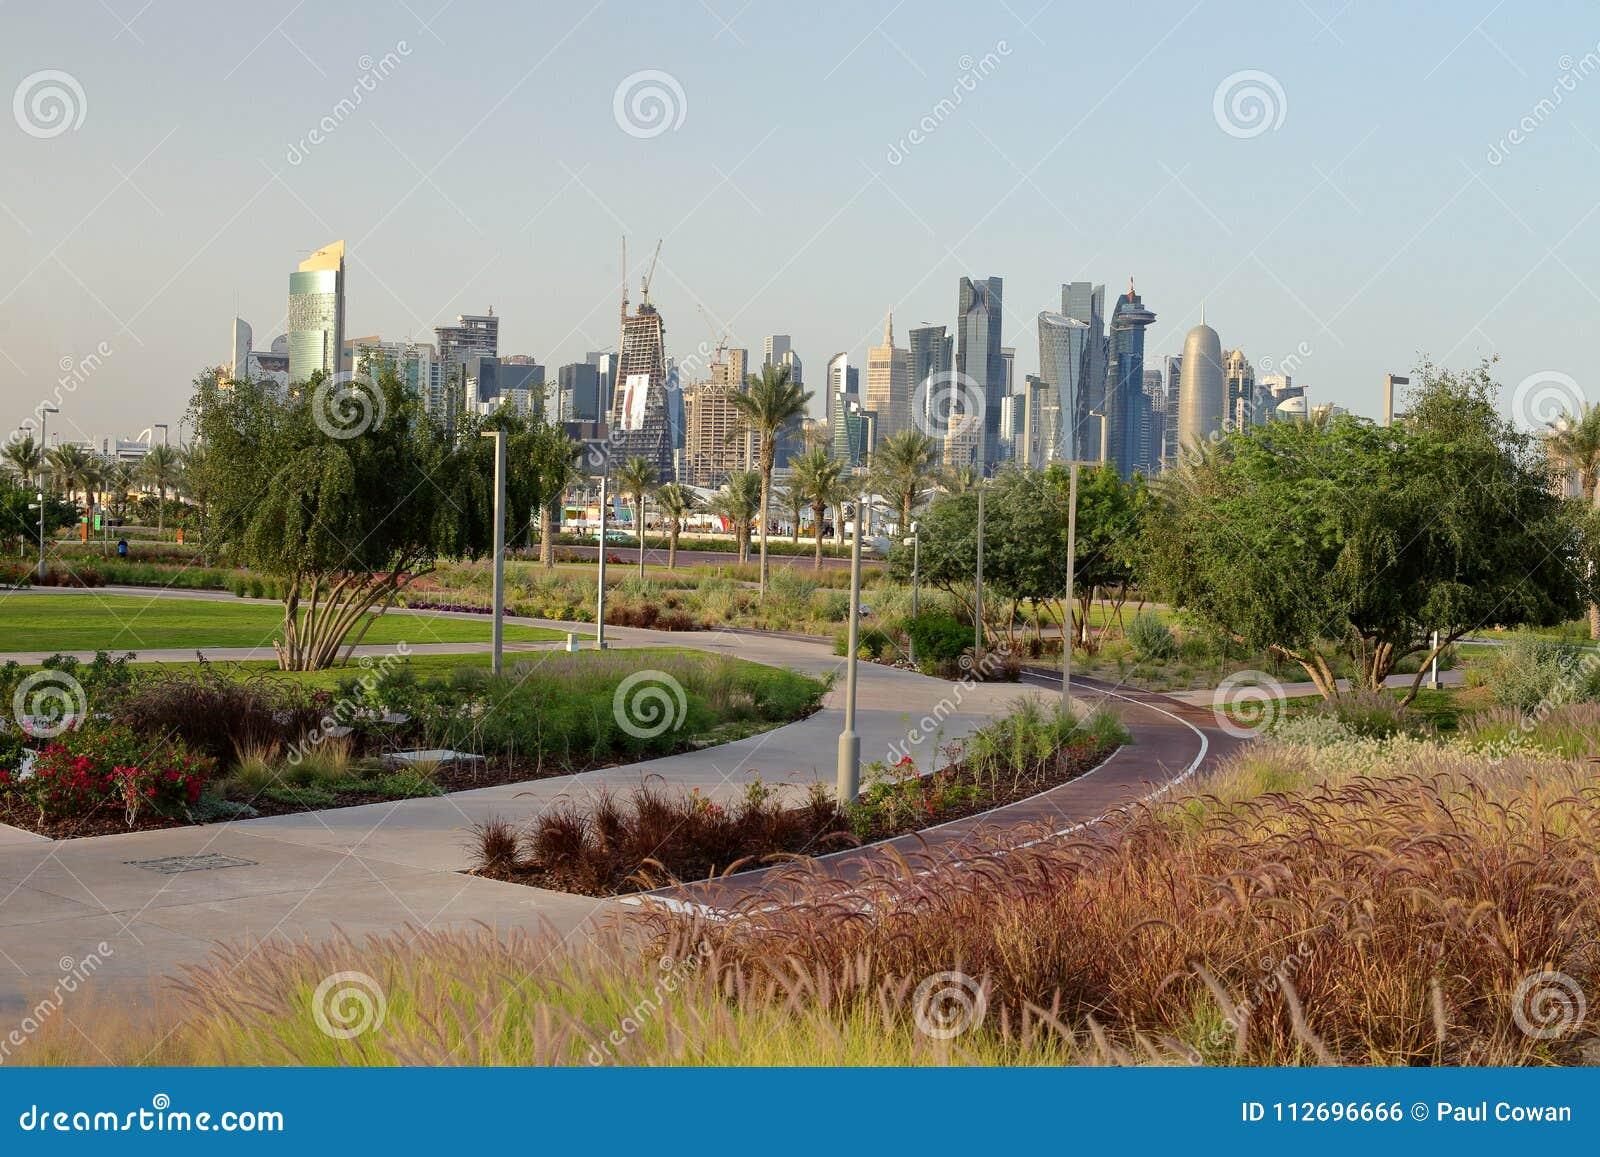 Trilha e torres de ciclo do parque de Bidda em Catar